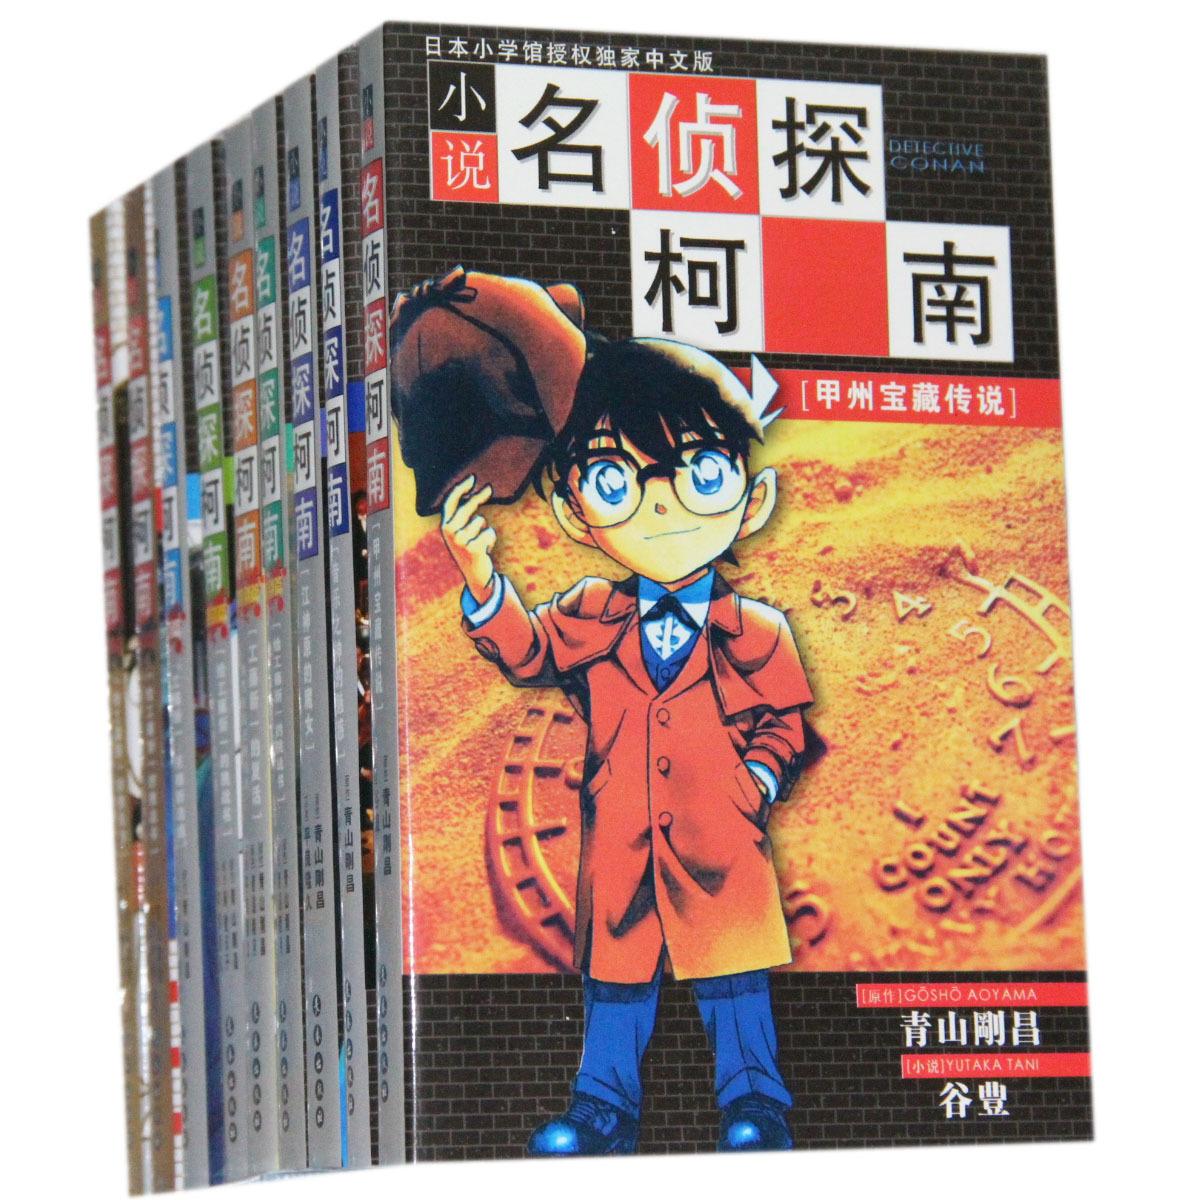 预售侦探中文小说版正版 小说名侦探柯南 工藤新一的复活 和黑衣组织的对决 漫画绘本 侦探推理悬疑小说 现当代小说名侦探柯南